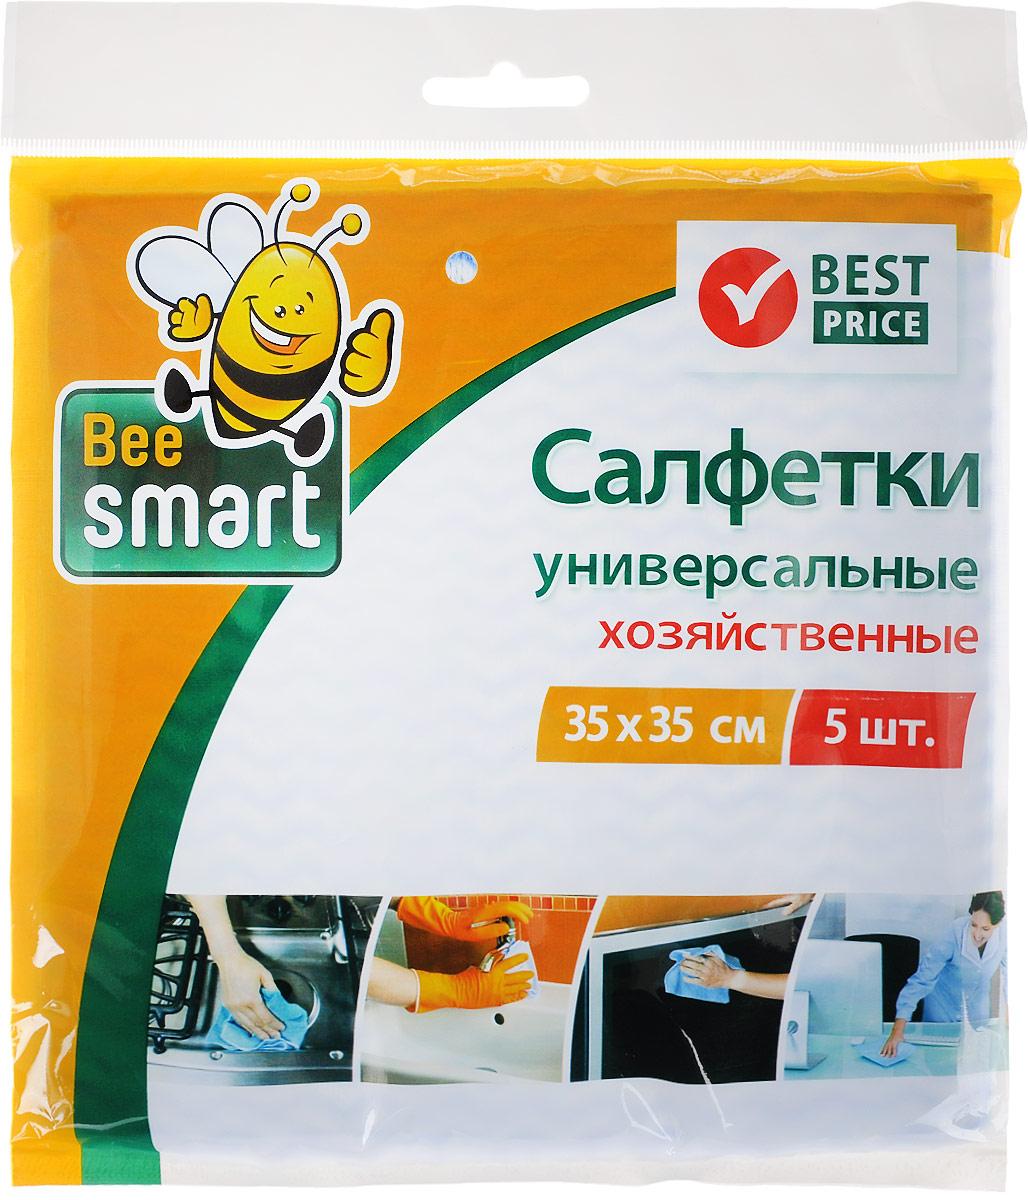 Набор универсальных салфеток Beesmart, 35 х 35 см, 5 шт531-105Набор Beesmart, выполненный из нетканого полотна (вискоза, полиэстер), состоит из 5 салфеток. Изделия предназначены для сухой и влажной уборки. Отлично впитывают жидкости, жиры, масла. Пригодны для многоразового использования, долговечны, не оставляют следов и ворсинок. Размер салфетки: 35 х 35 см.